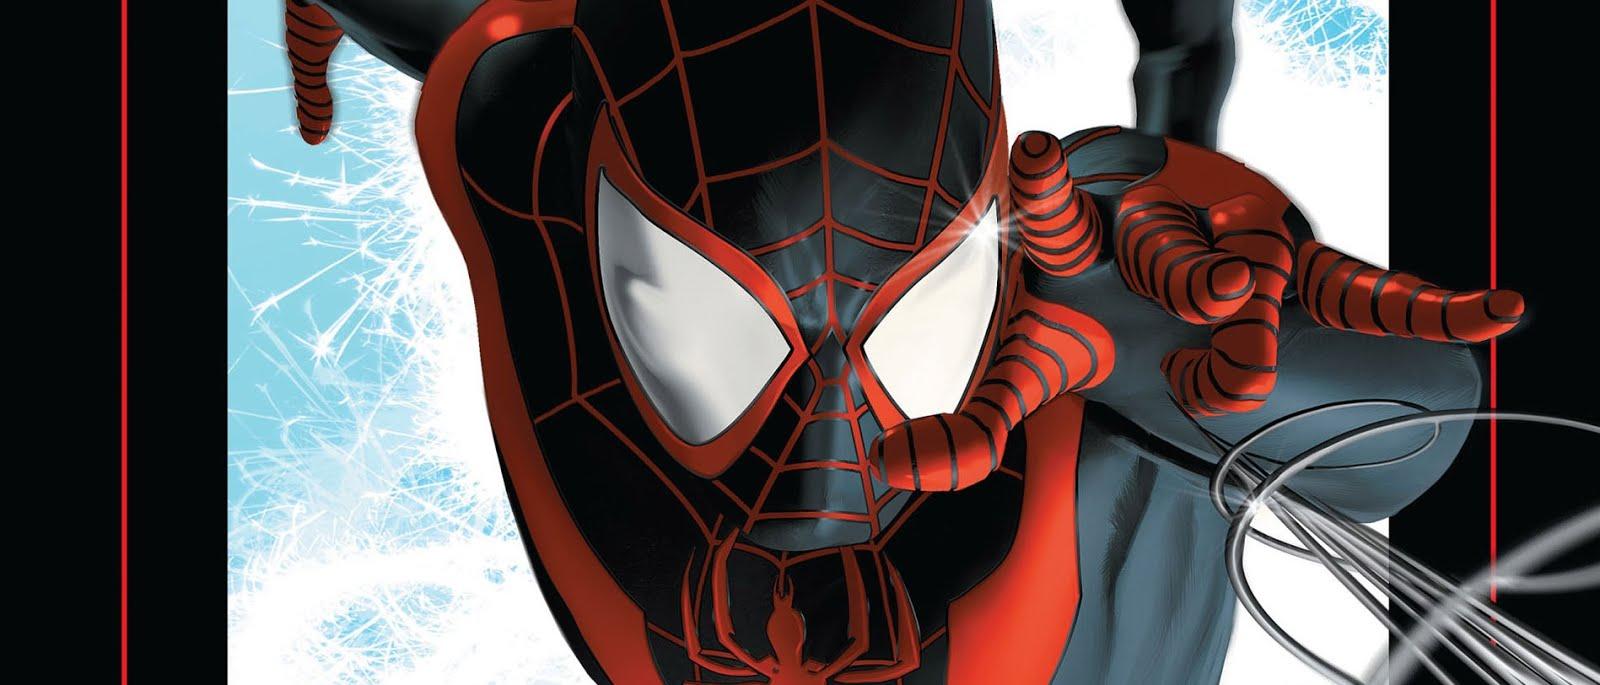 Ultimate Comics Spider-Man #1 & Graded Key Comics: Ultimate Comics Spider-Man #1